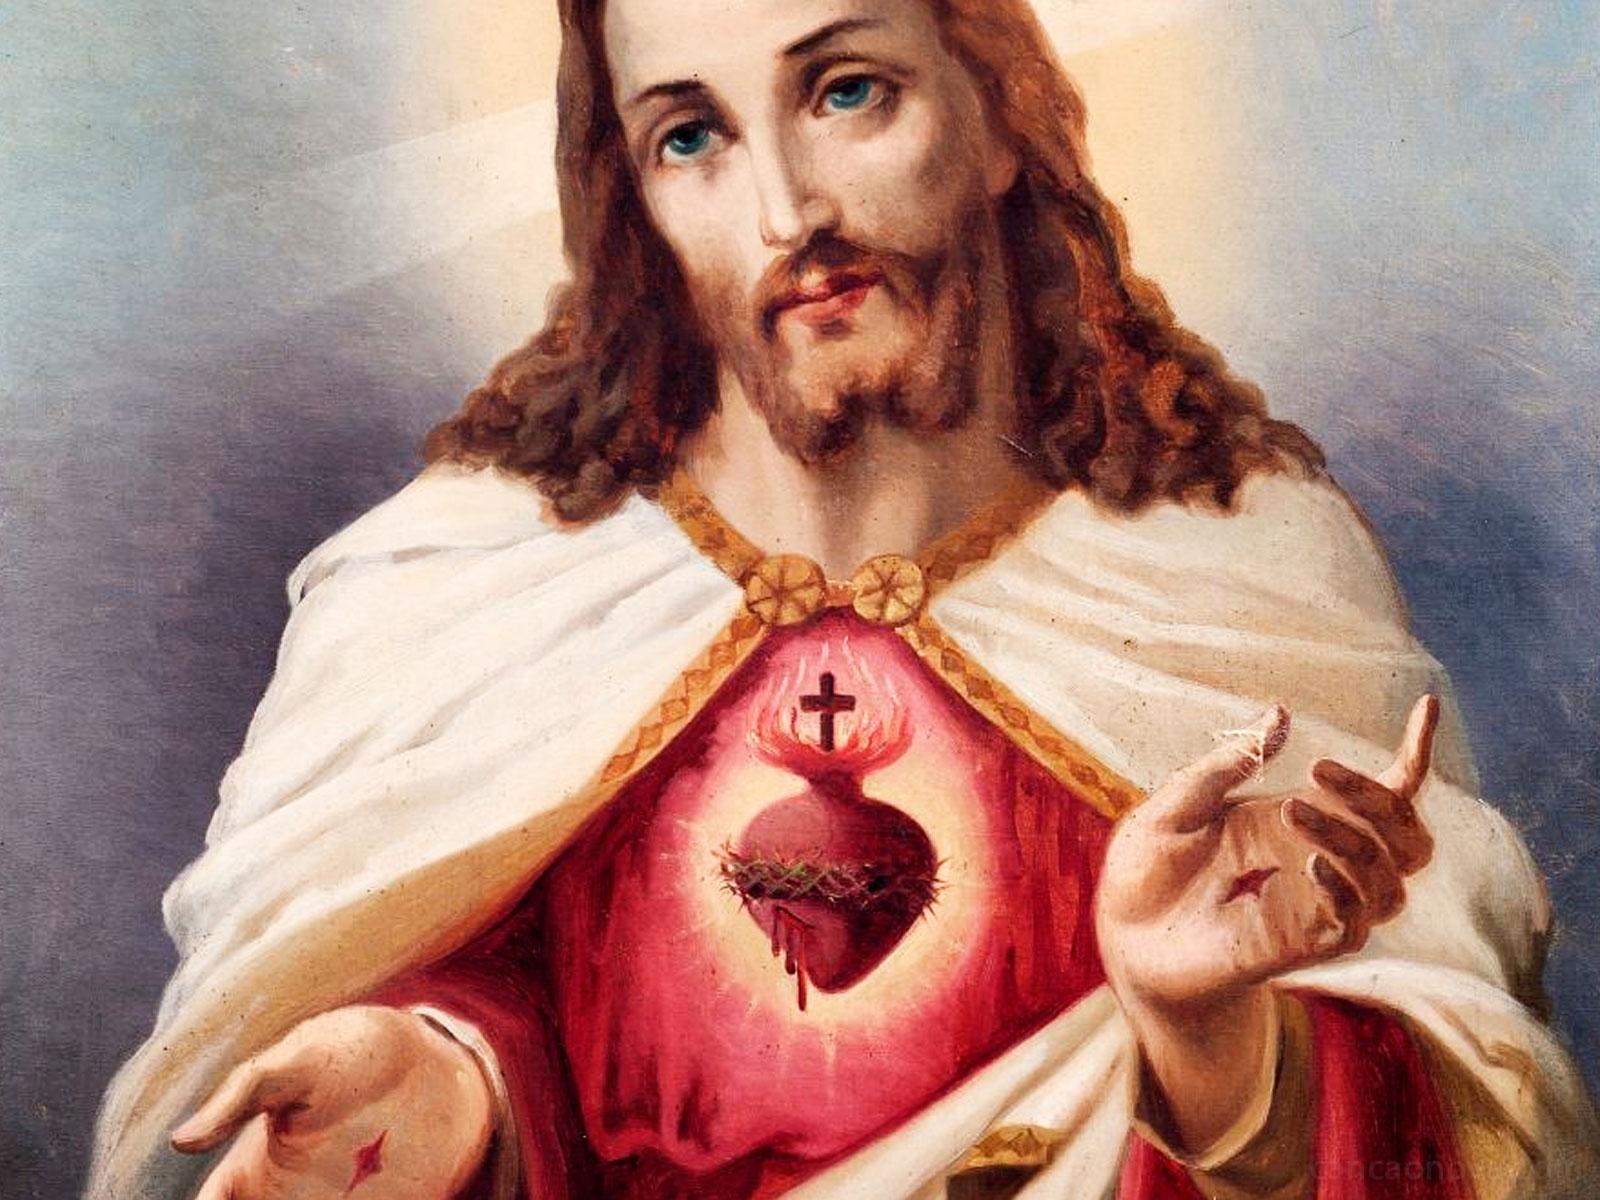 1600x1200-Sagrado-Coração-mais-que-uma-devoção,-uma-espiritualidade